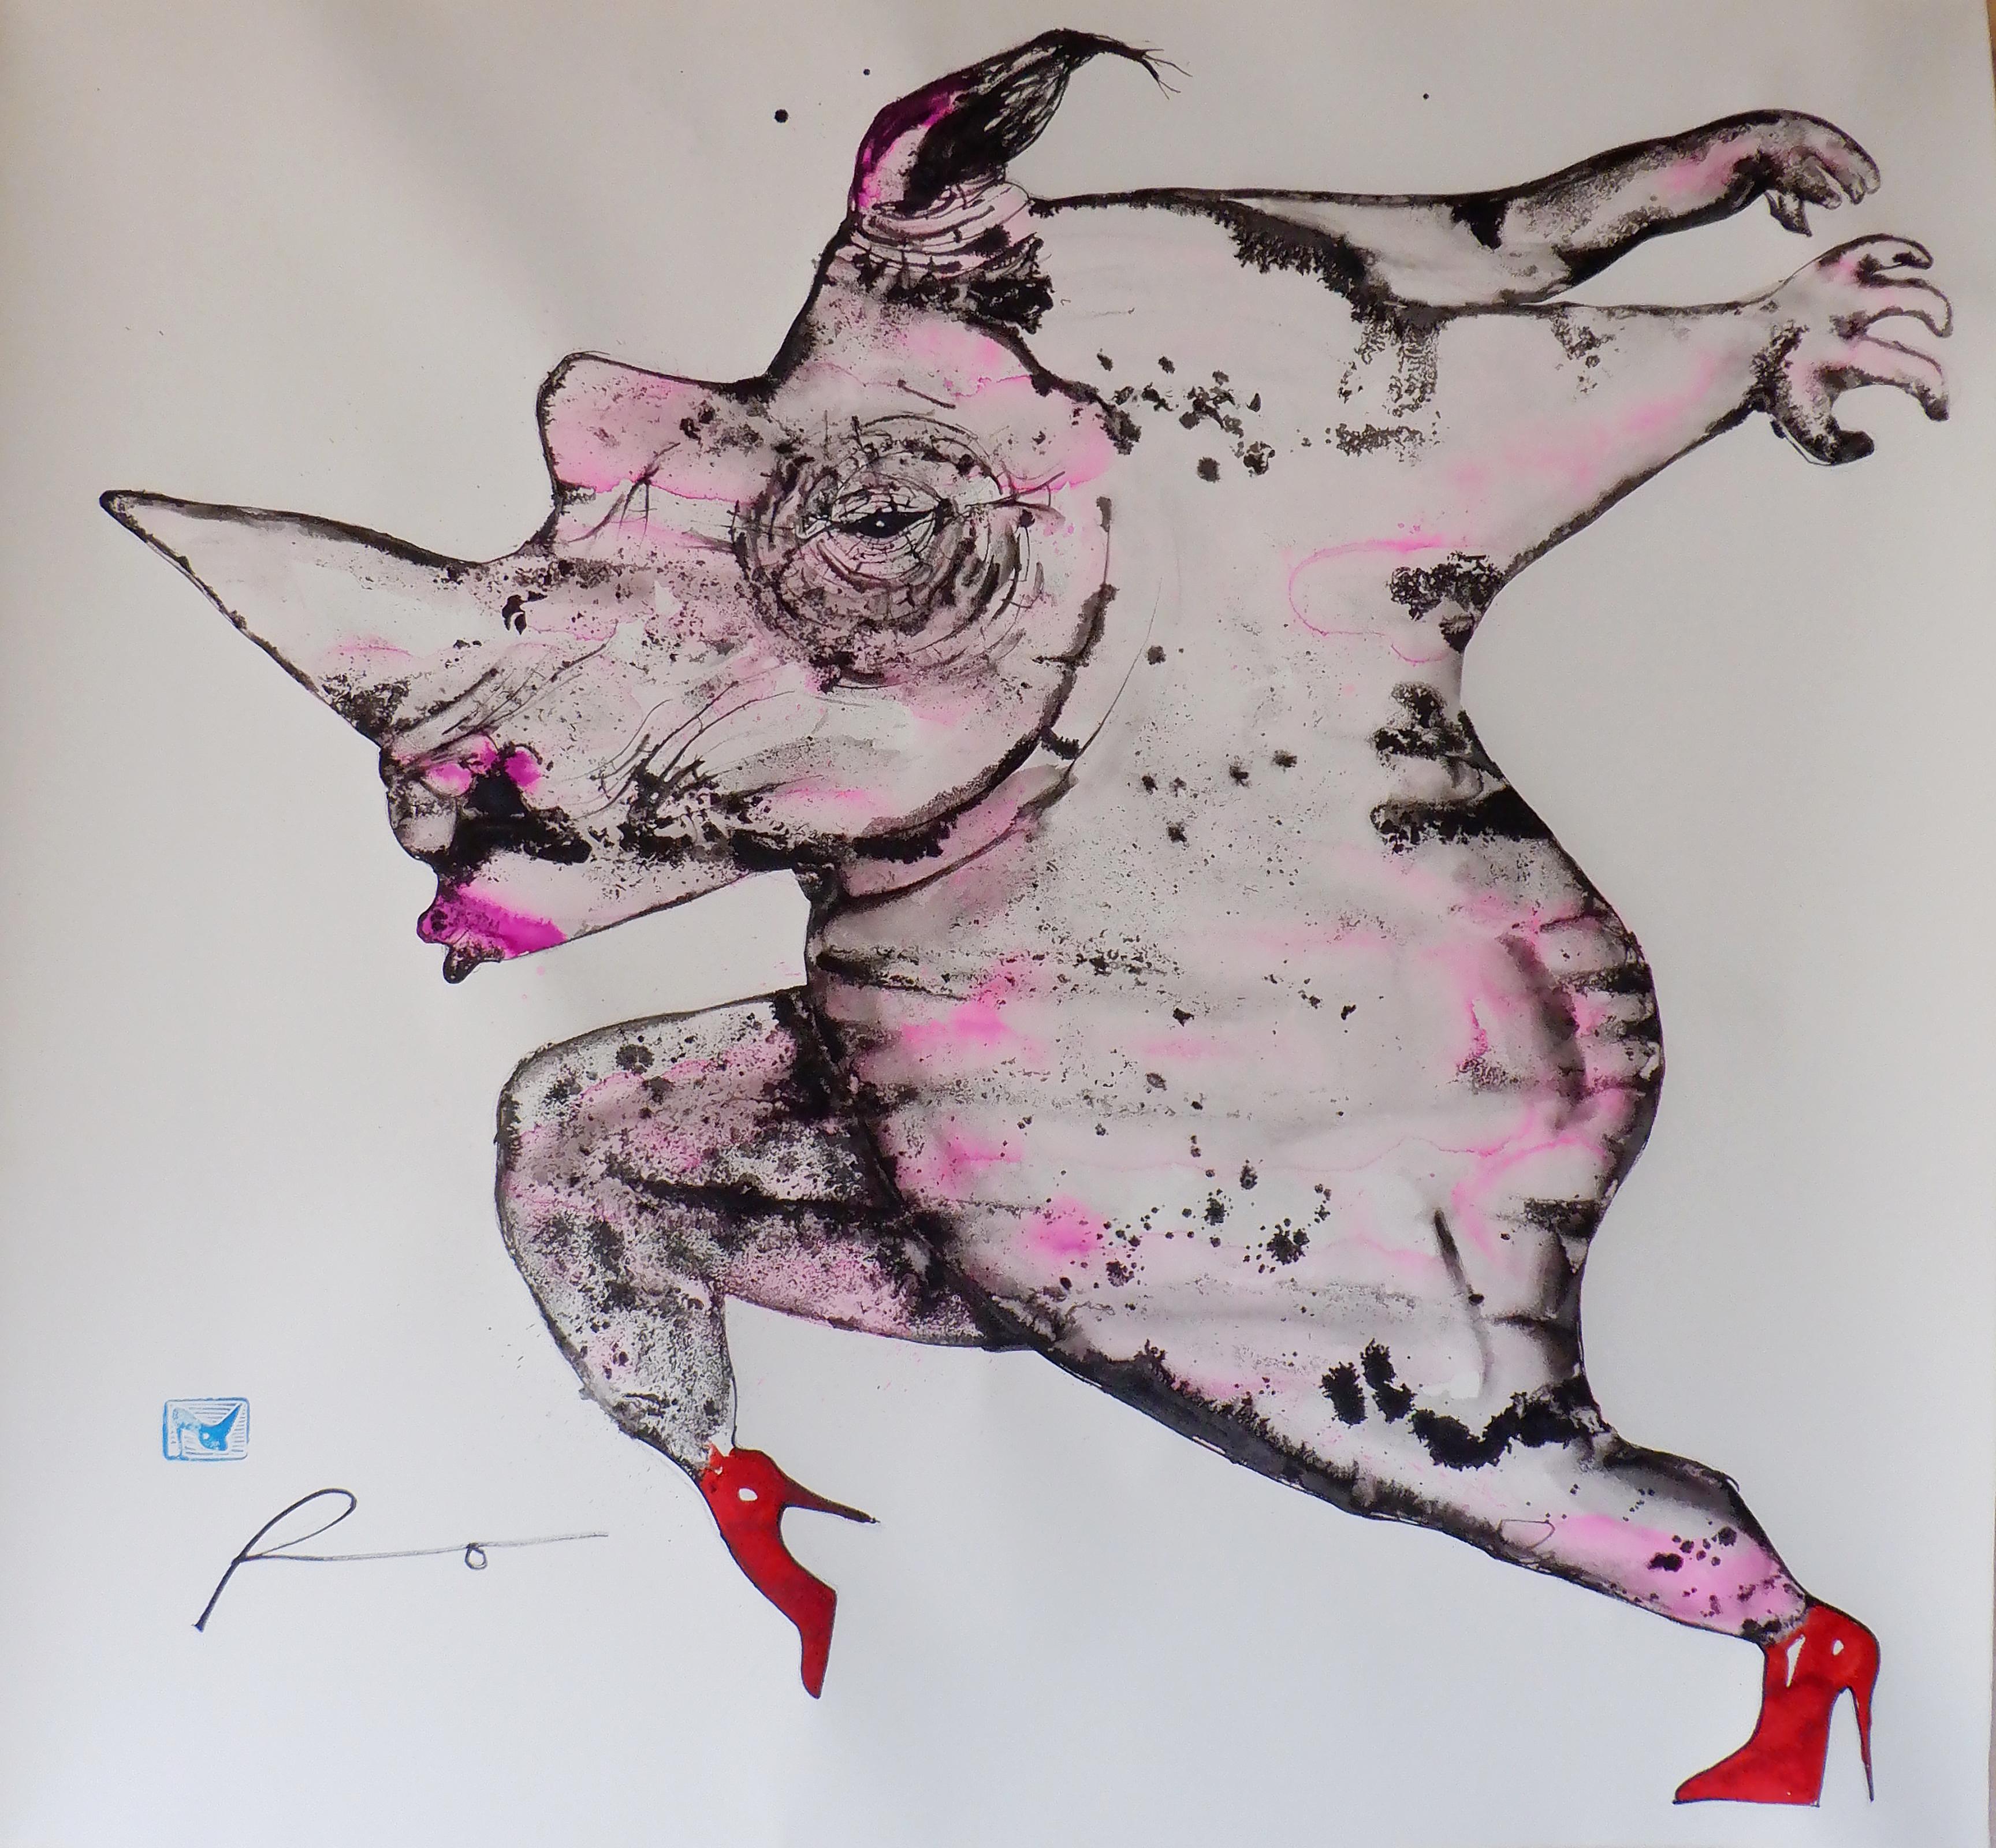 Rino entusiasmado rosa